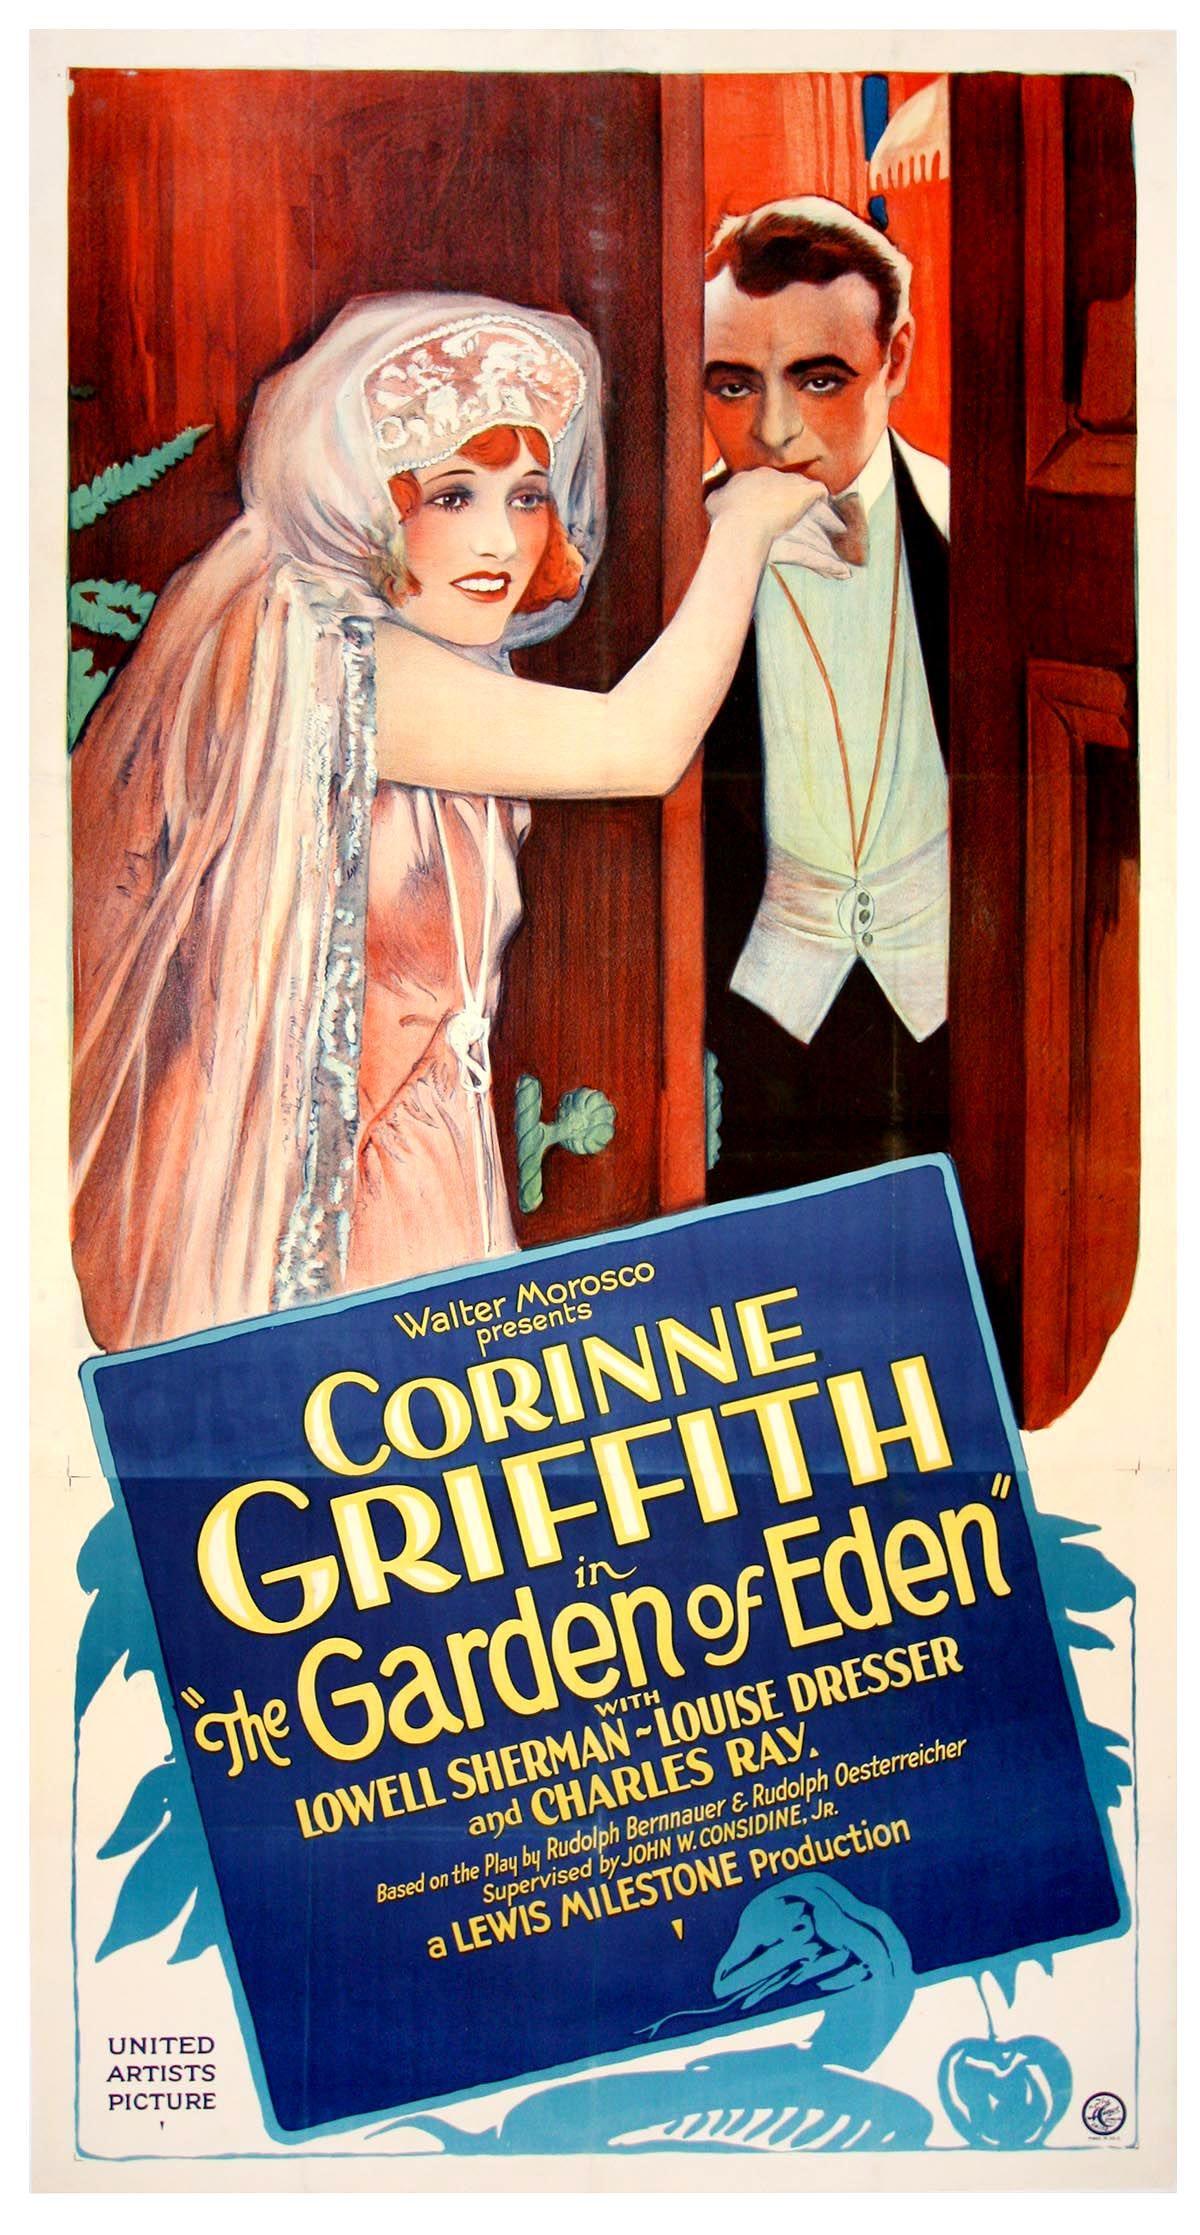 The Garden of Eden (1928) Corinne Griffith silent film